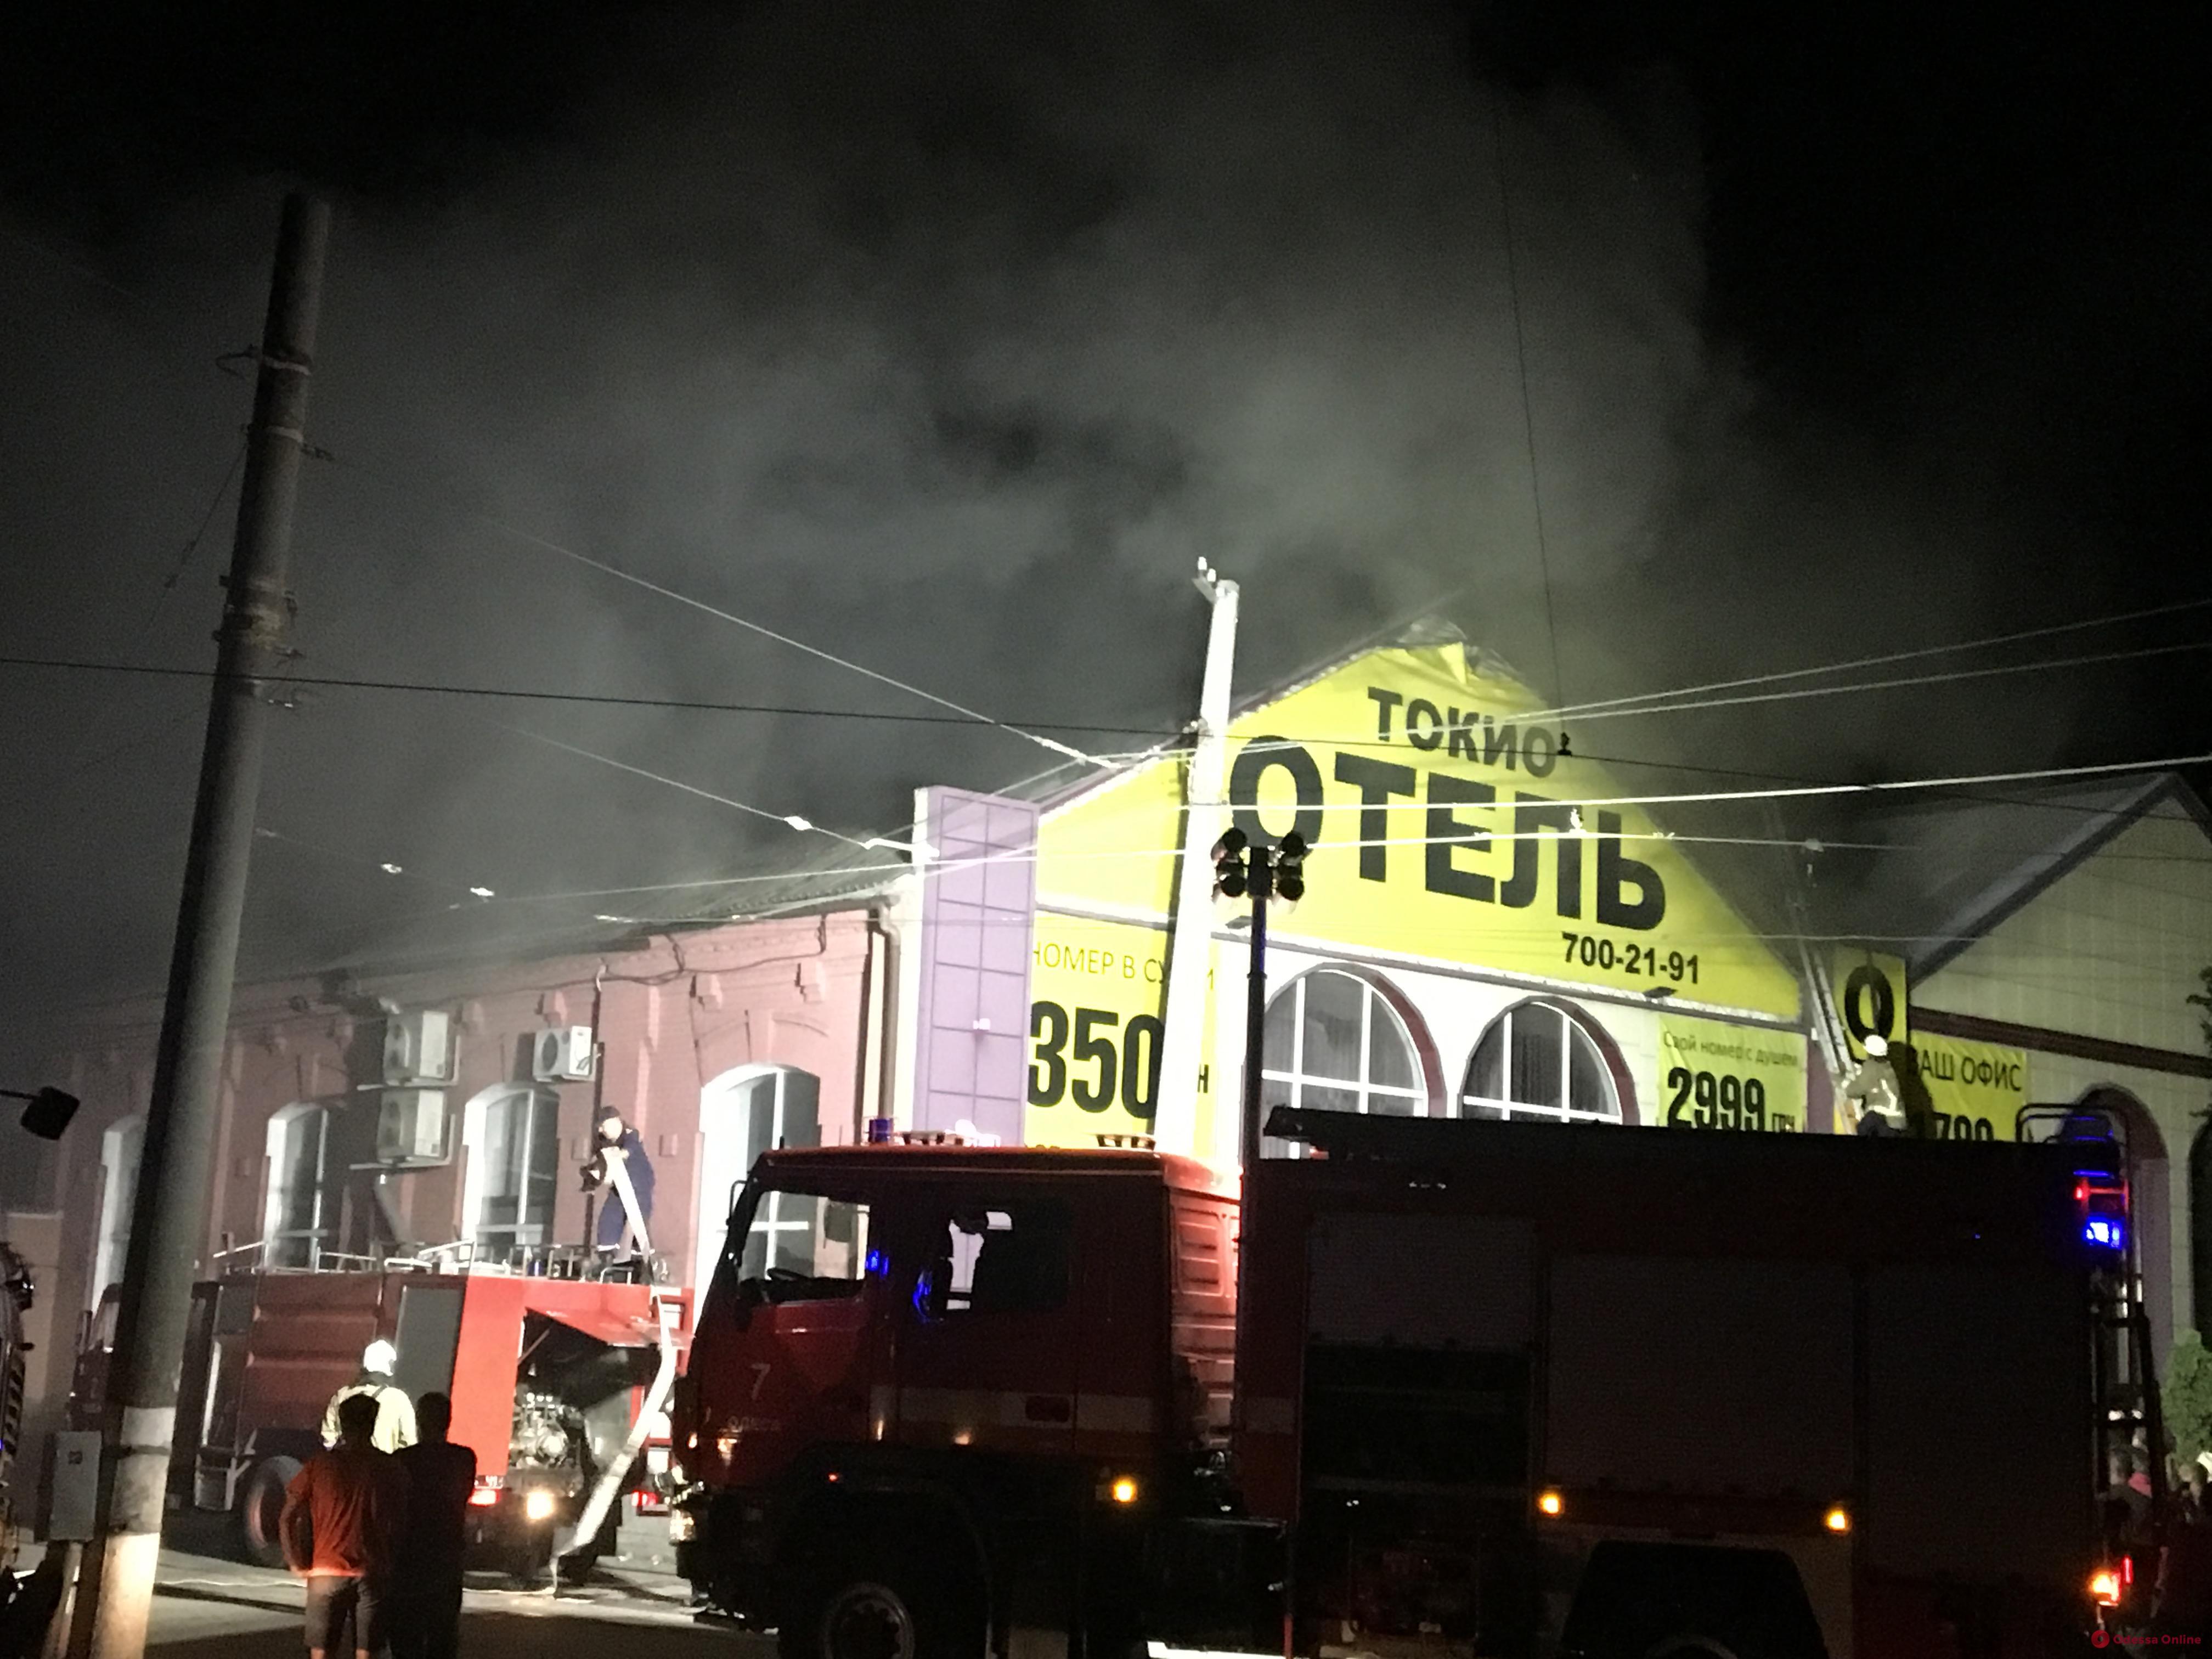 Идентифицировали еще одну жертву пожара в отеле «Токио Стар»